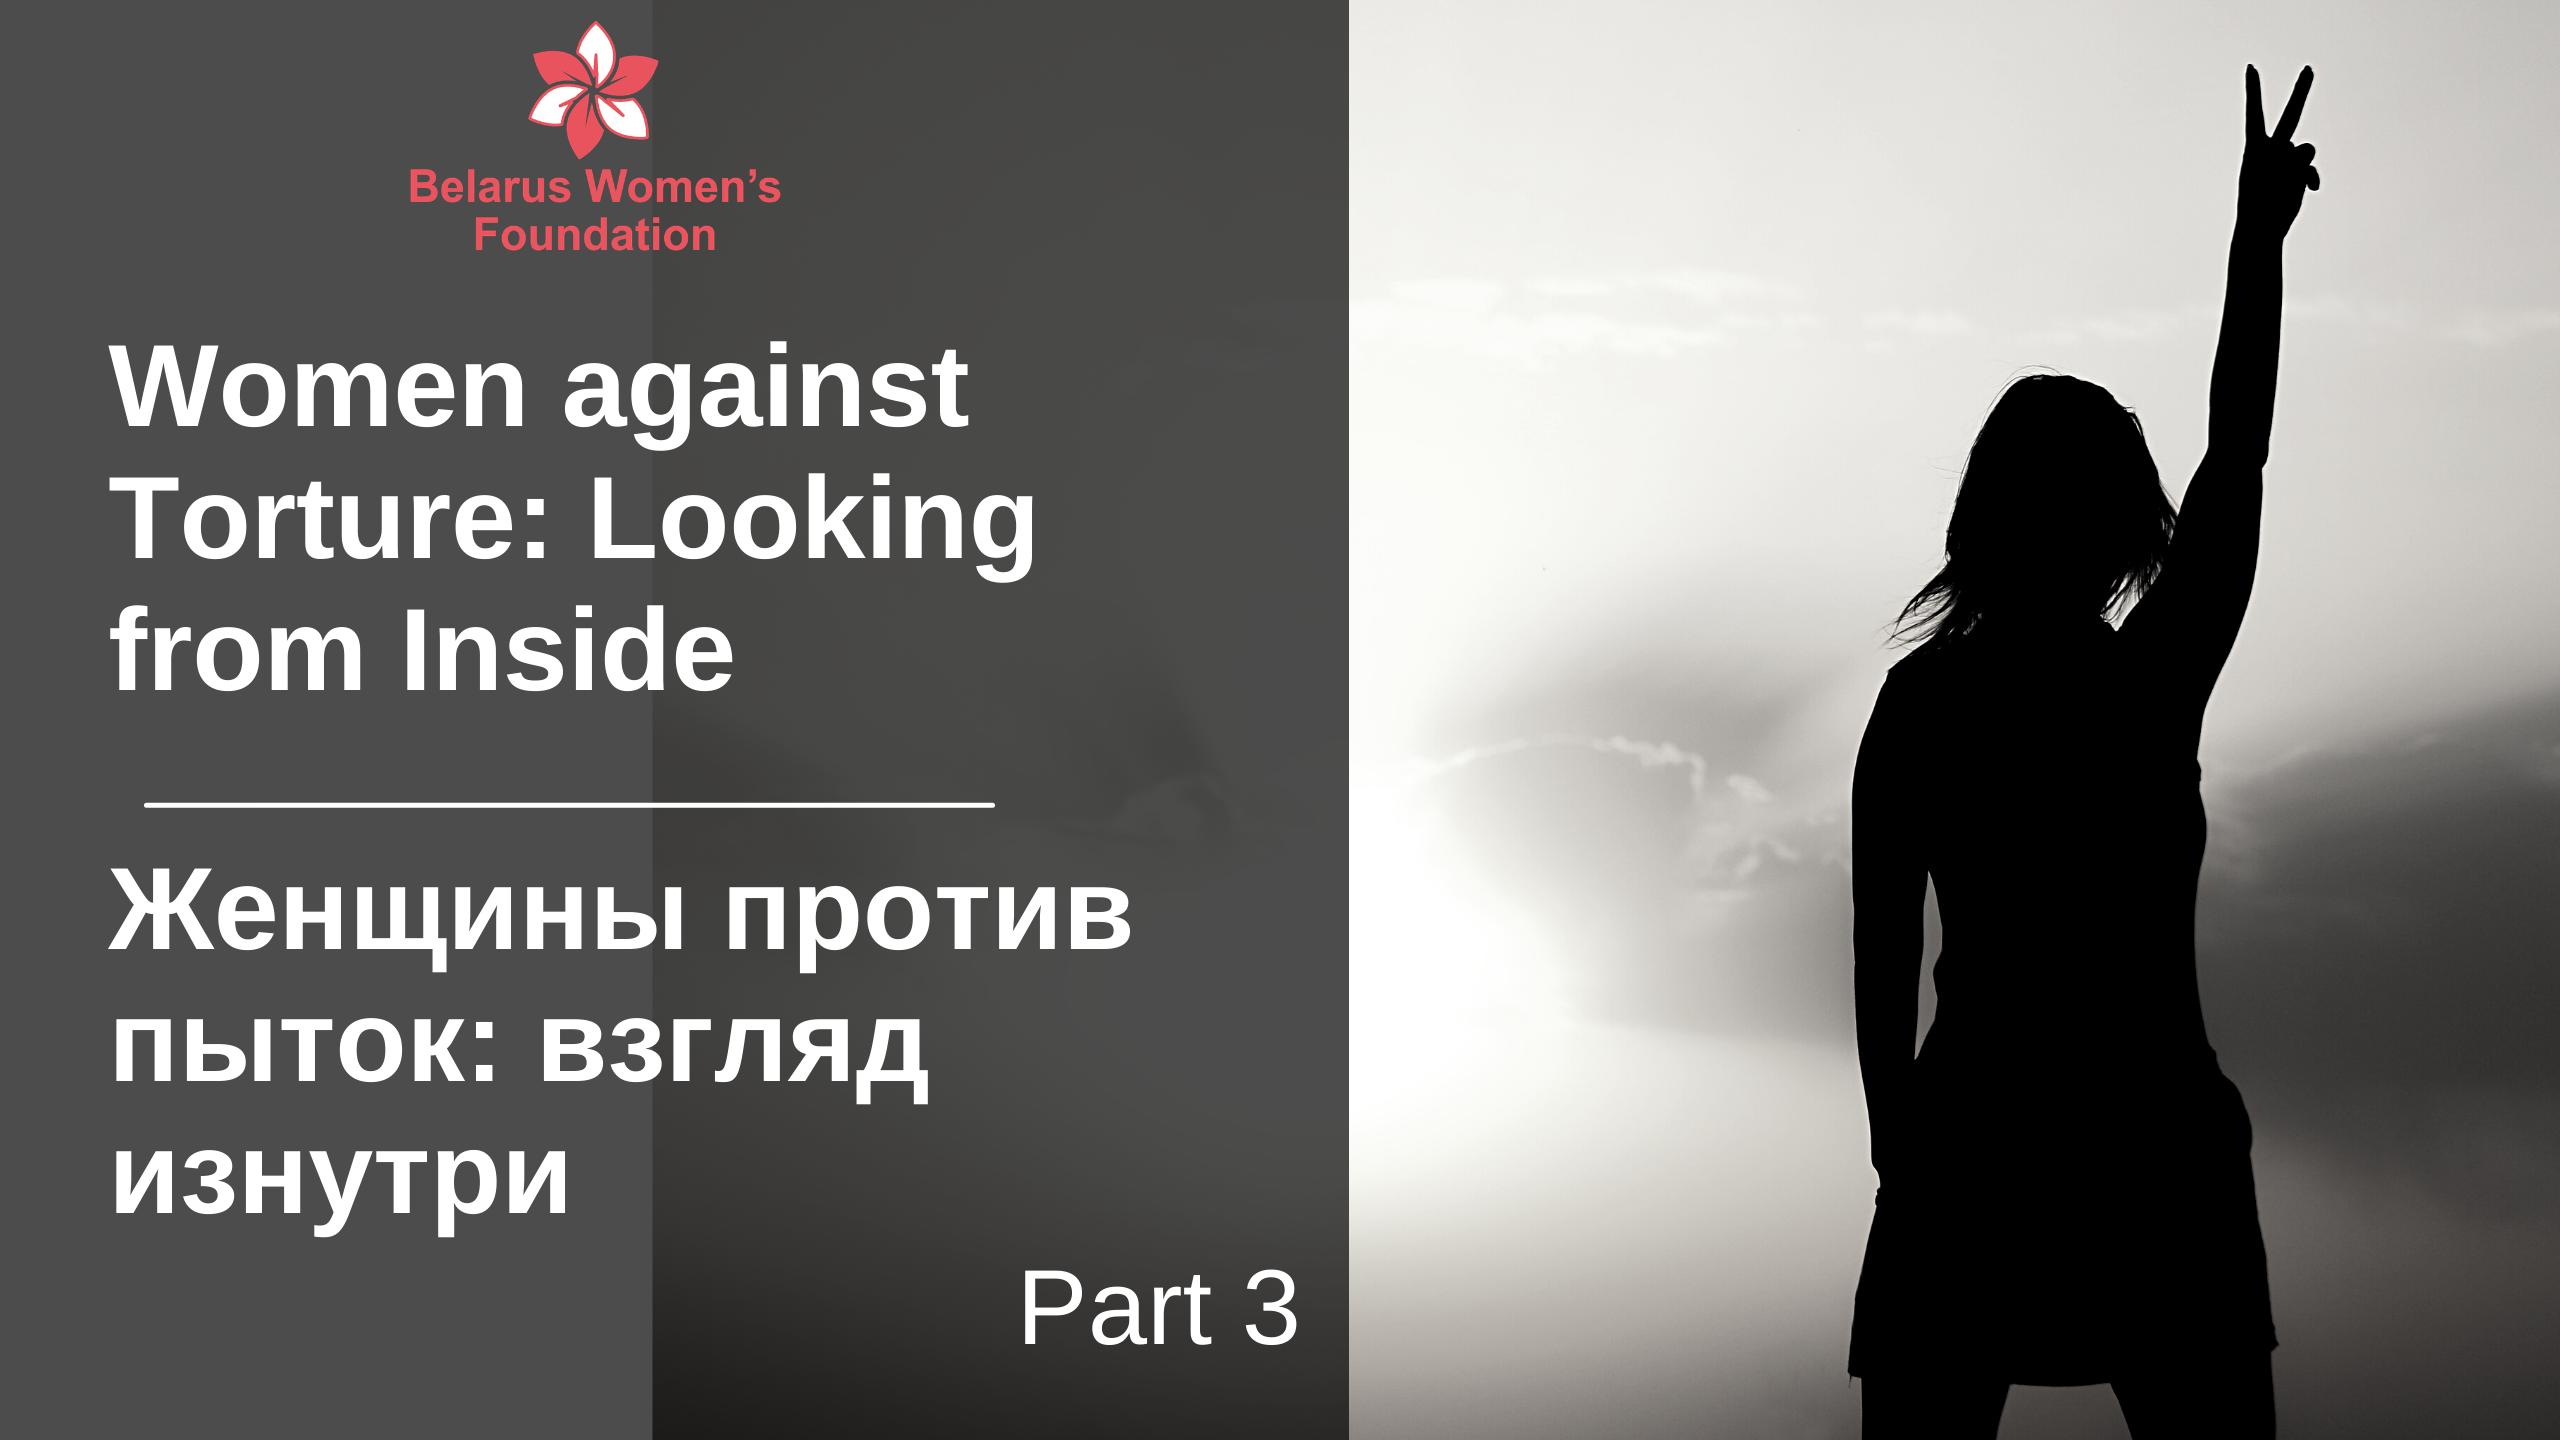 Part 3. Women against Torture